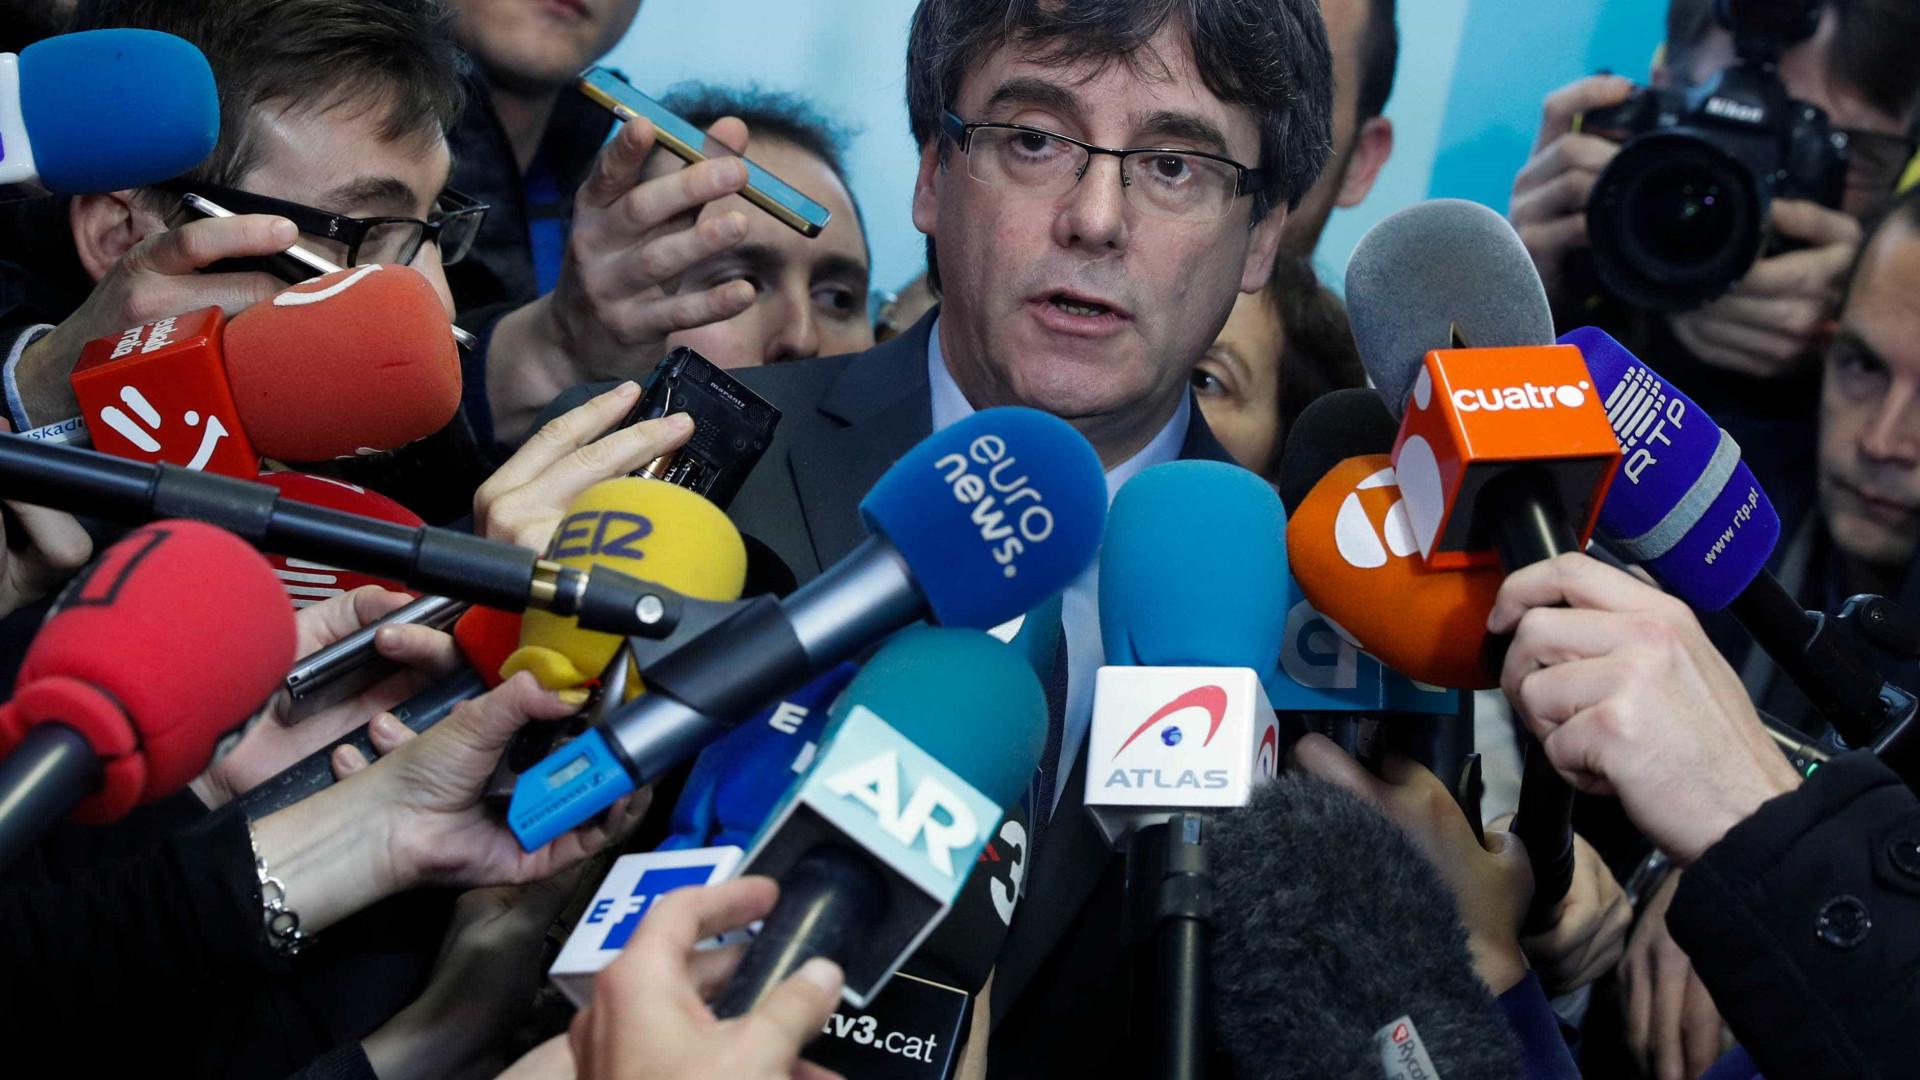 Tribunal diz não a Rajoy mas obriga Puigdemont a voltar para investidura